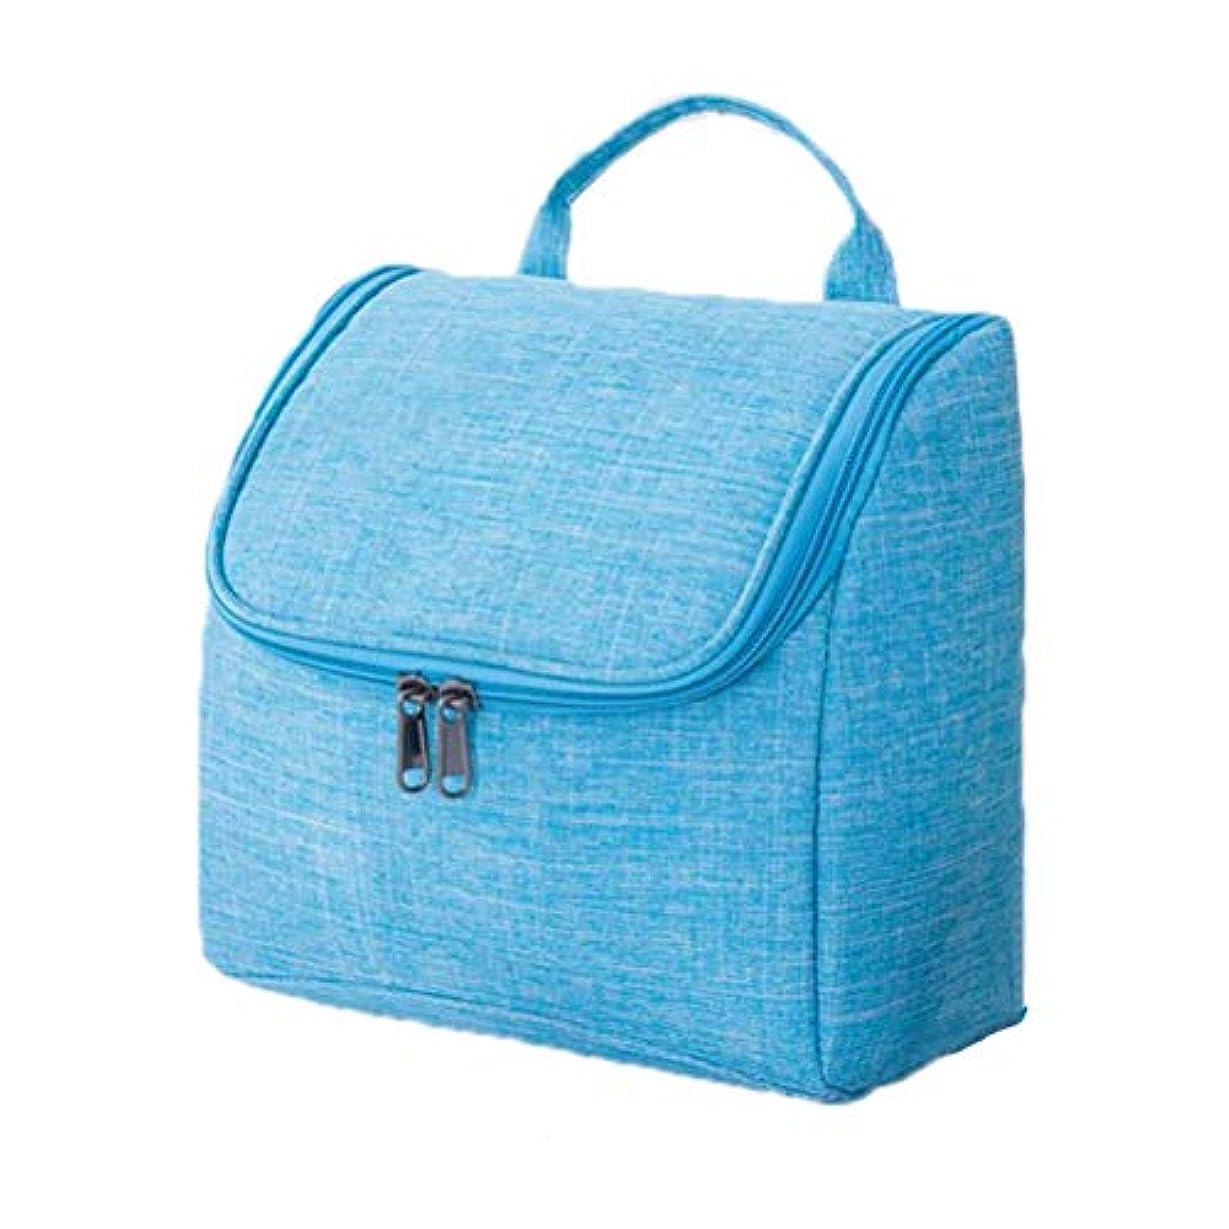 トピック姪ワインCOSCO コスメバッグ トラベルポーチ 化粧ポーチ 旅行バッグ 洗面用具入れ 収納バッグ フック付き 吊り下げ